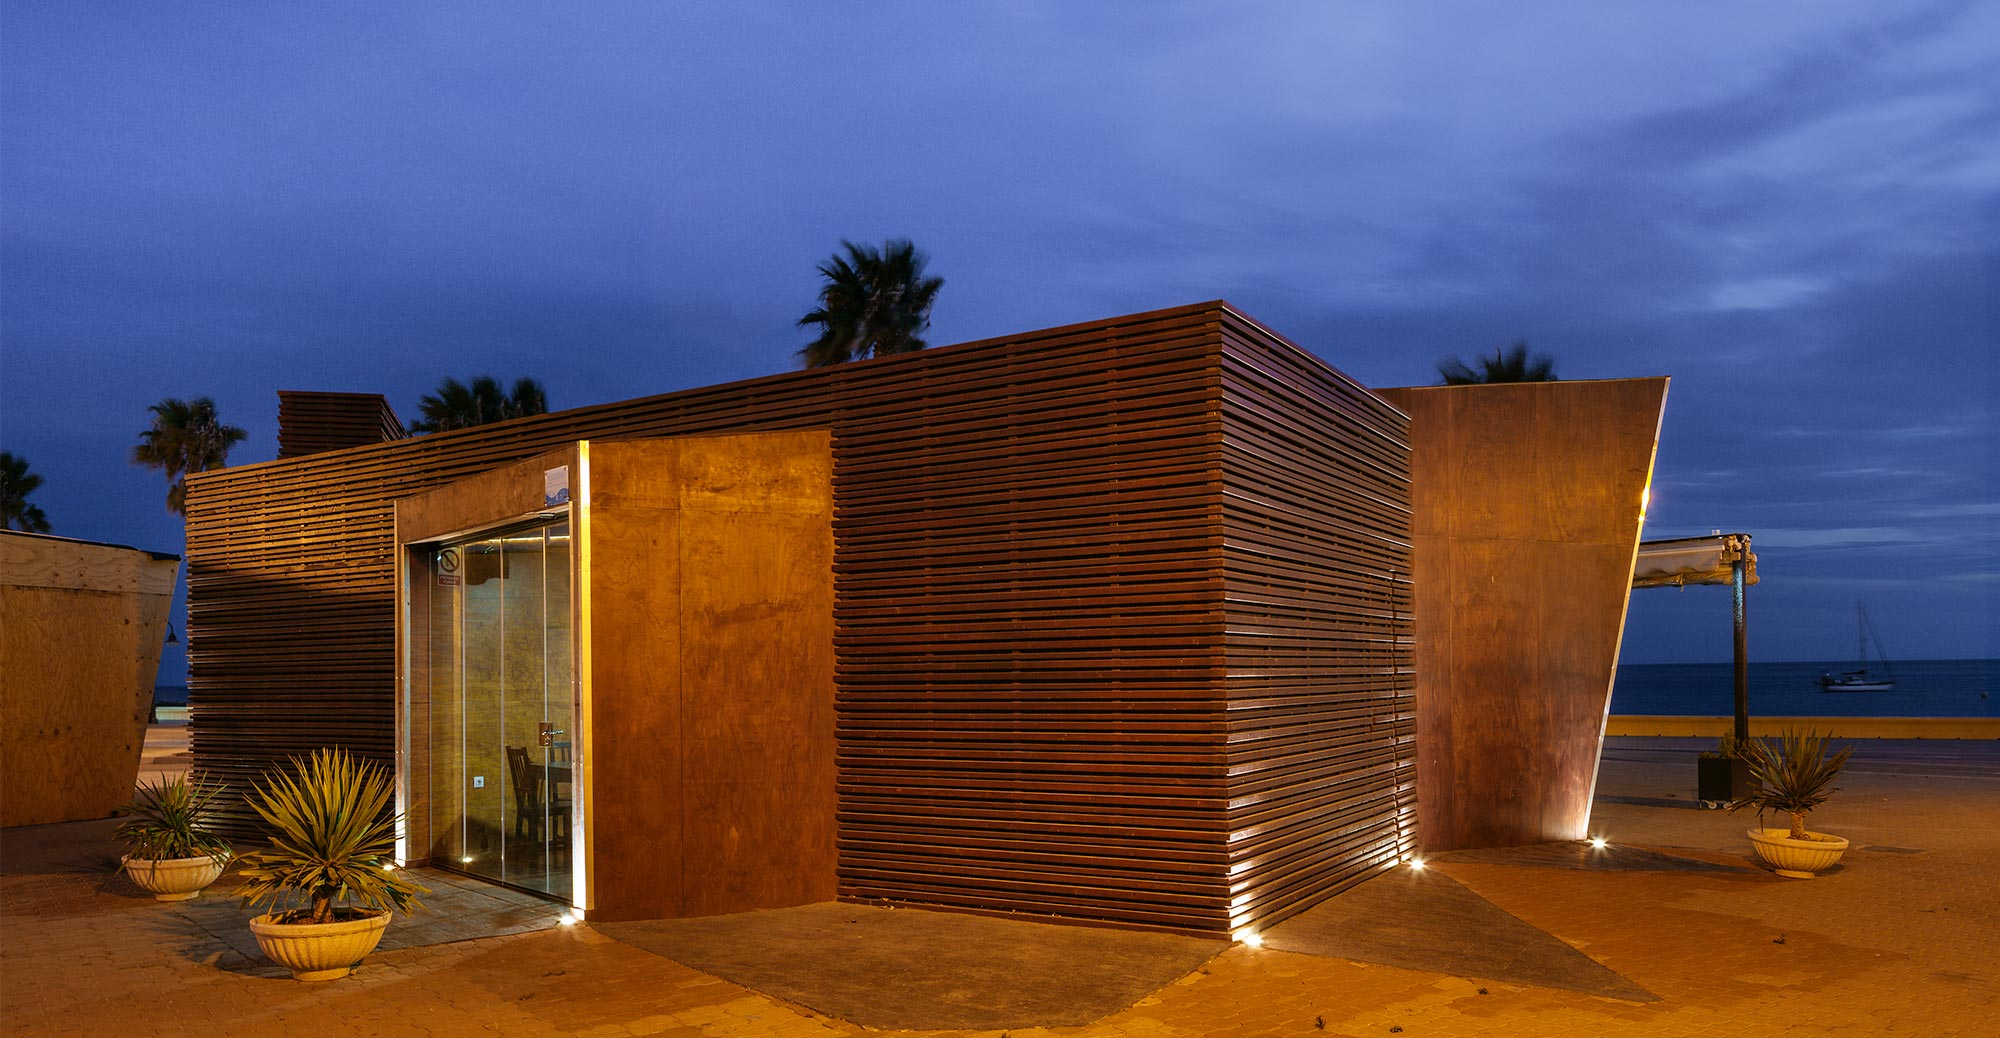 Xiringoscopio_-Adra_-Arquitectura-_-EXarchitects_17